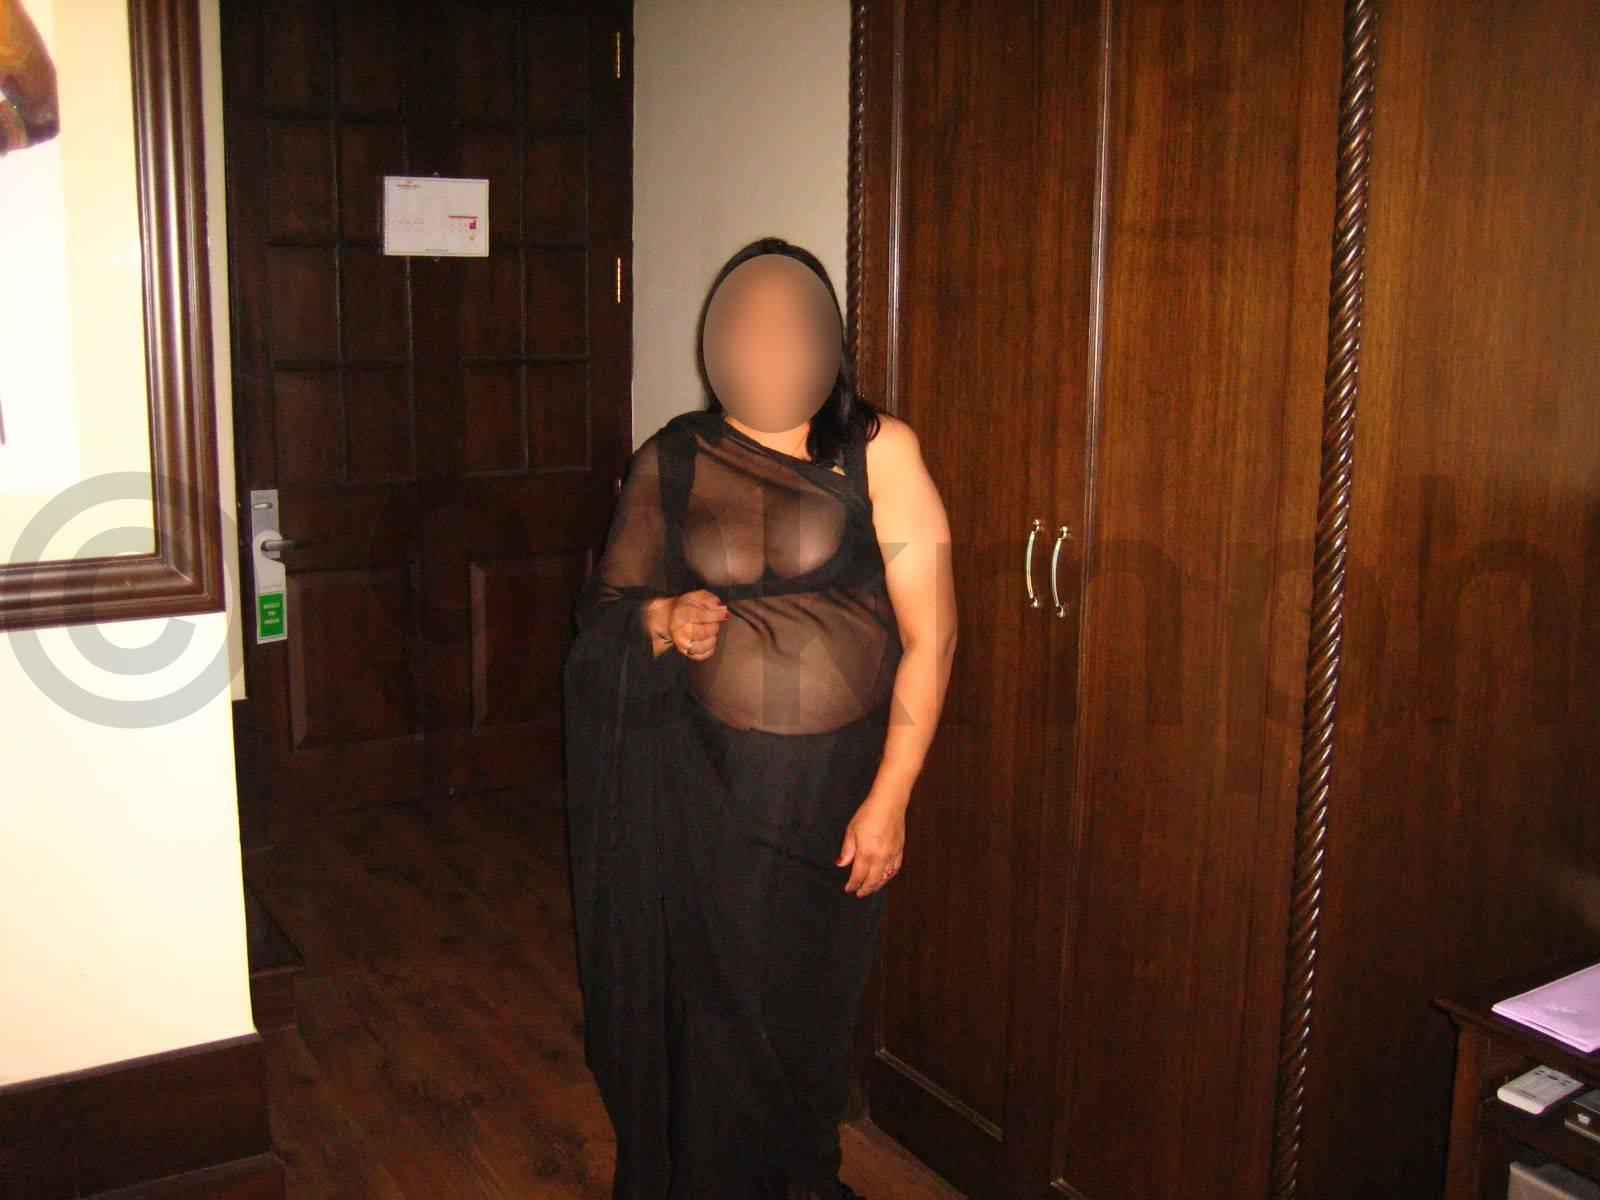 Aunty tight boobs